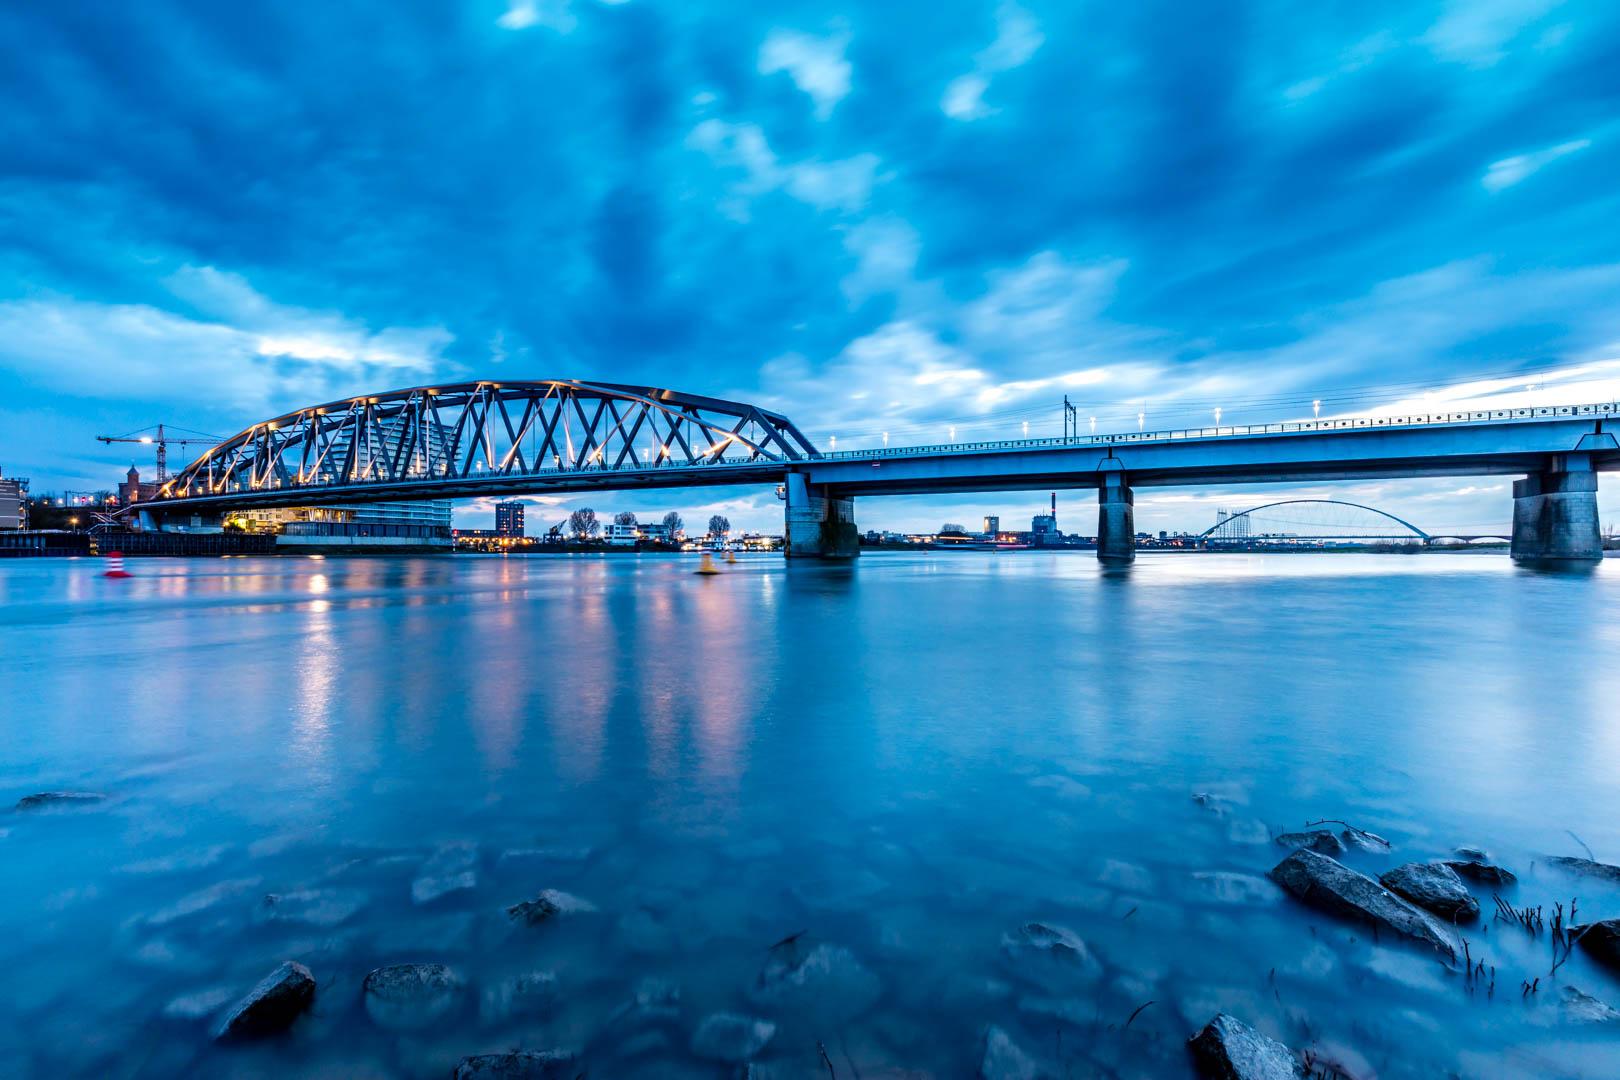 El puente en Nijmegen - 1620x1080